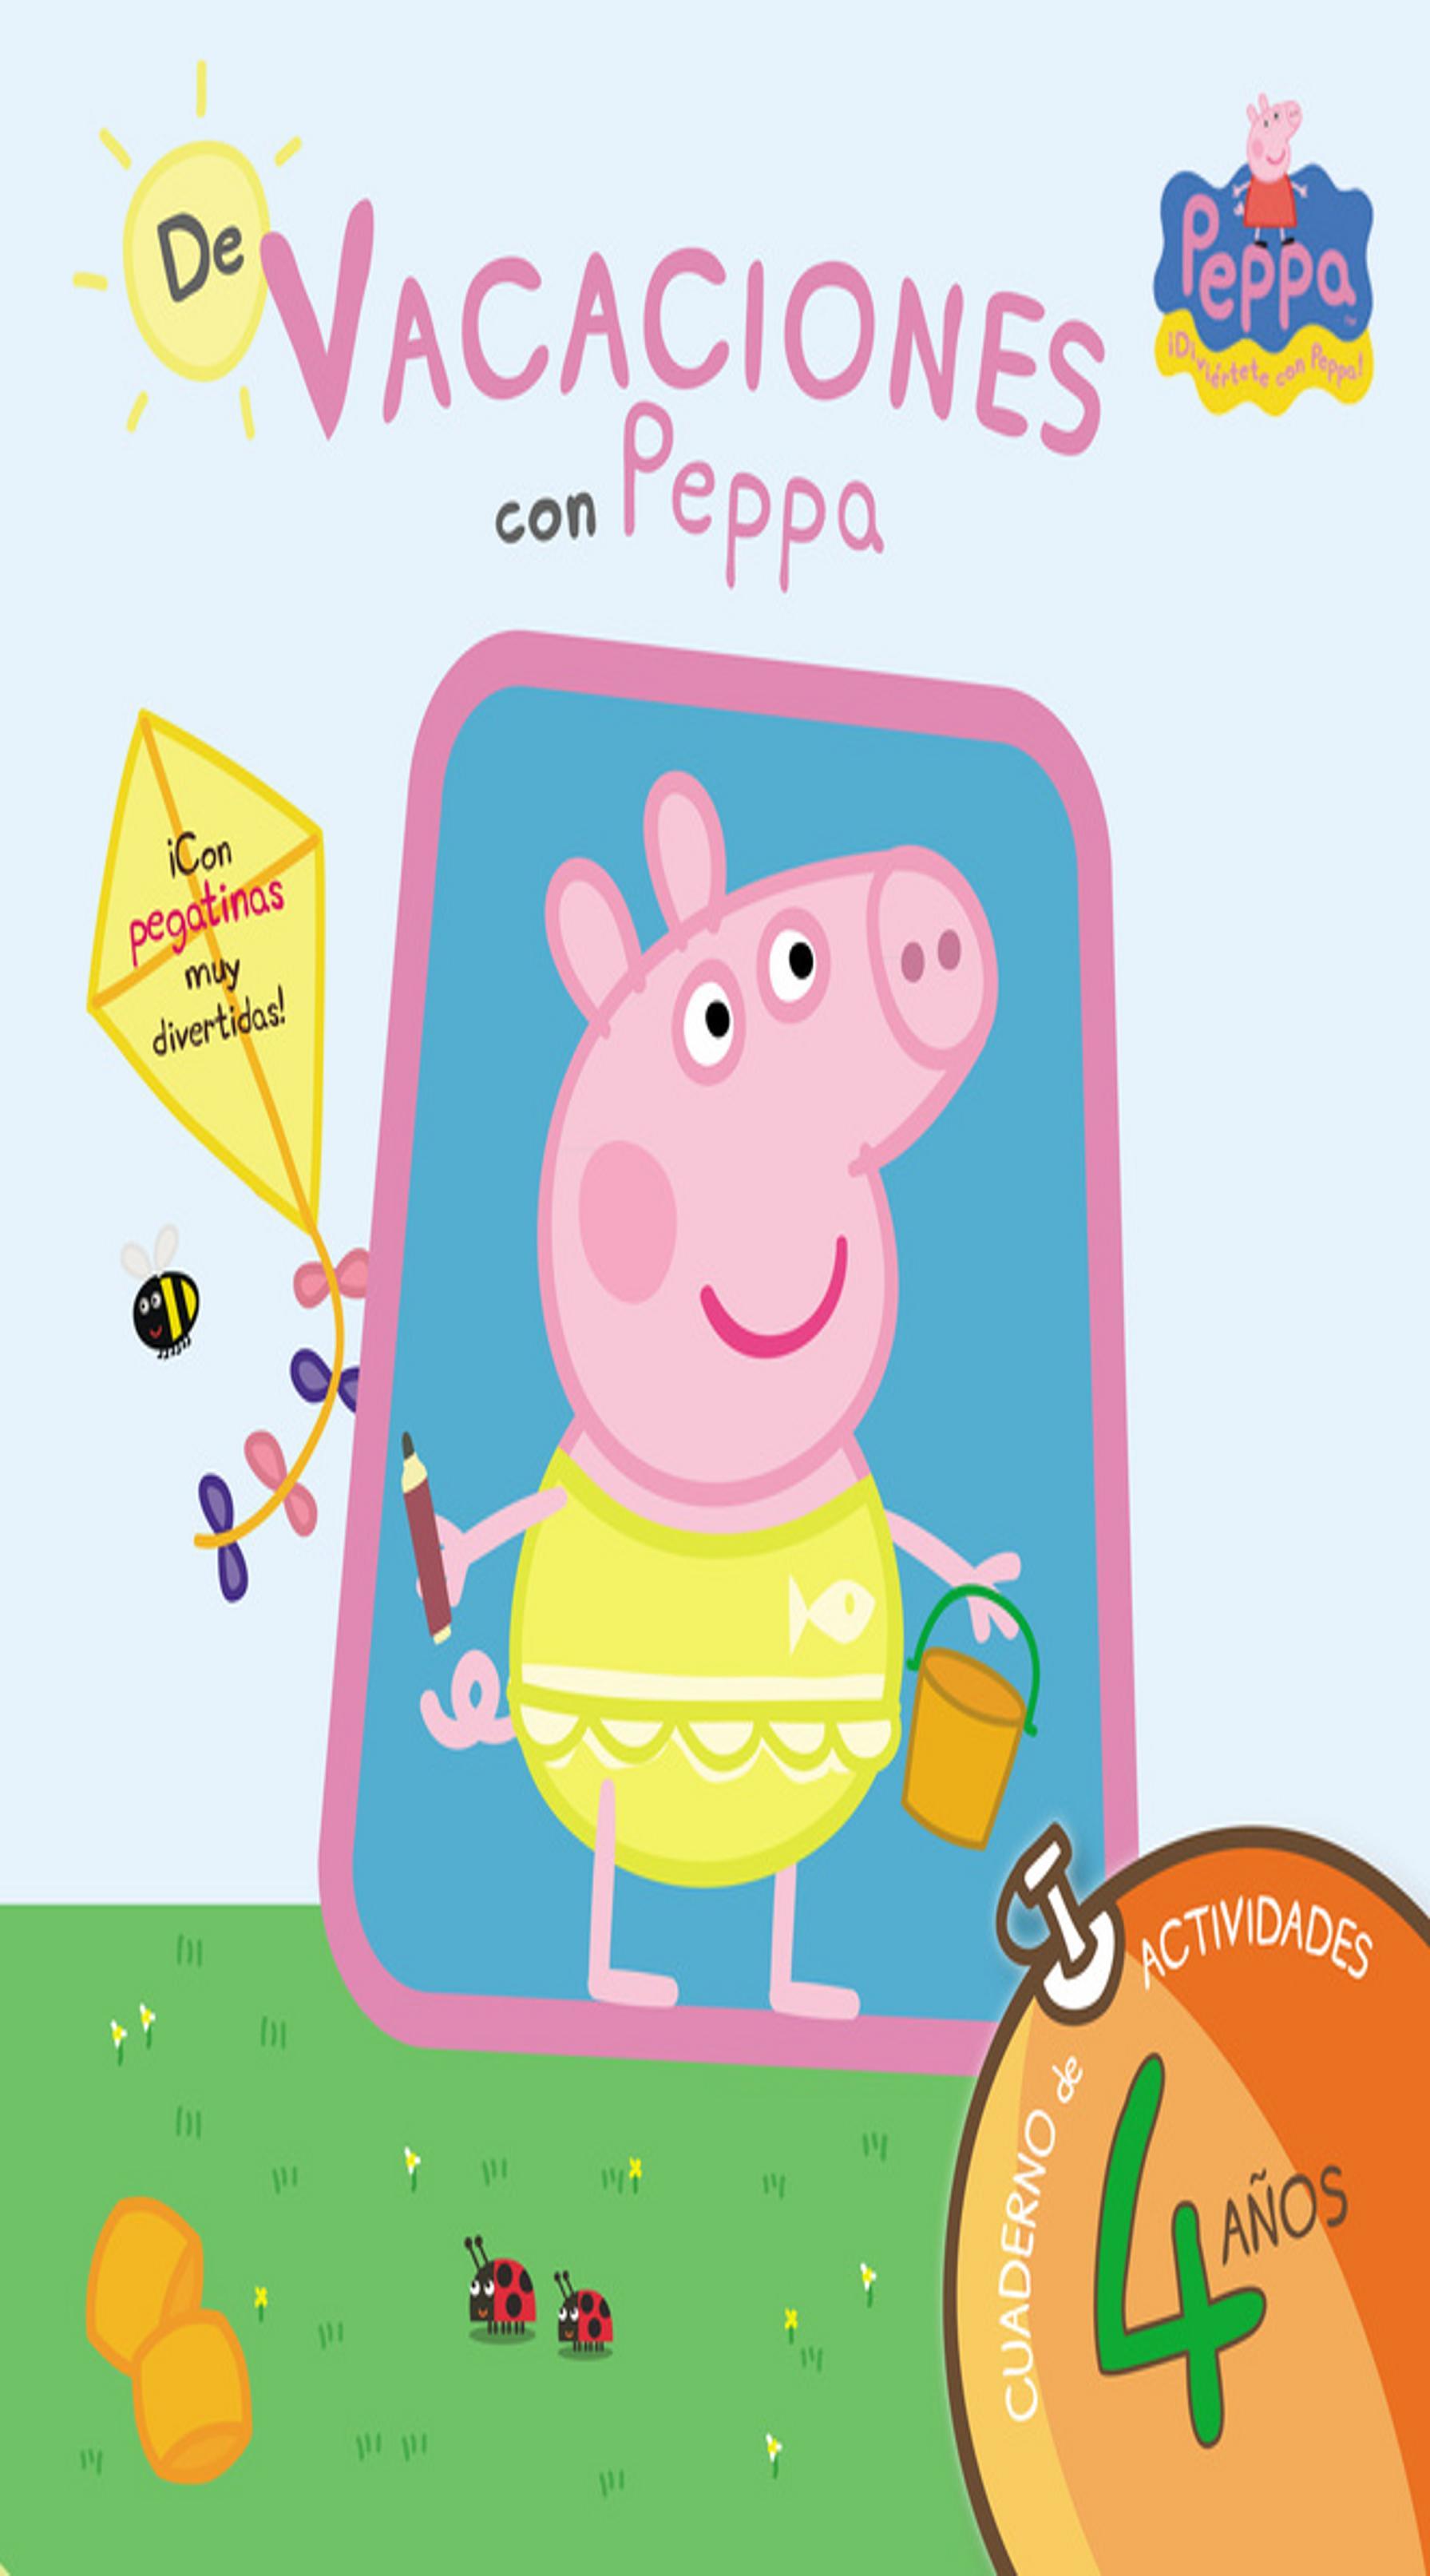 DE VACACIONES CON PEPPA PIG 4 Años